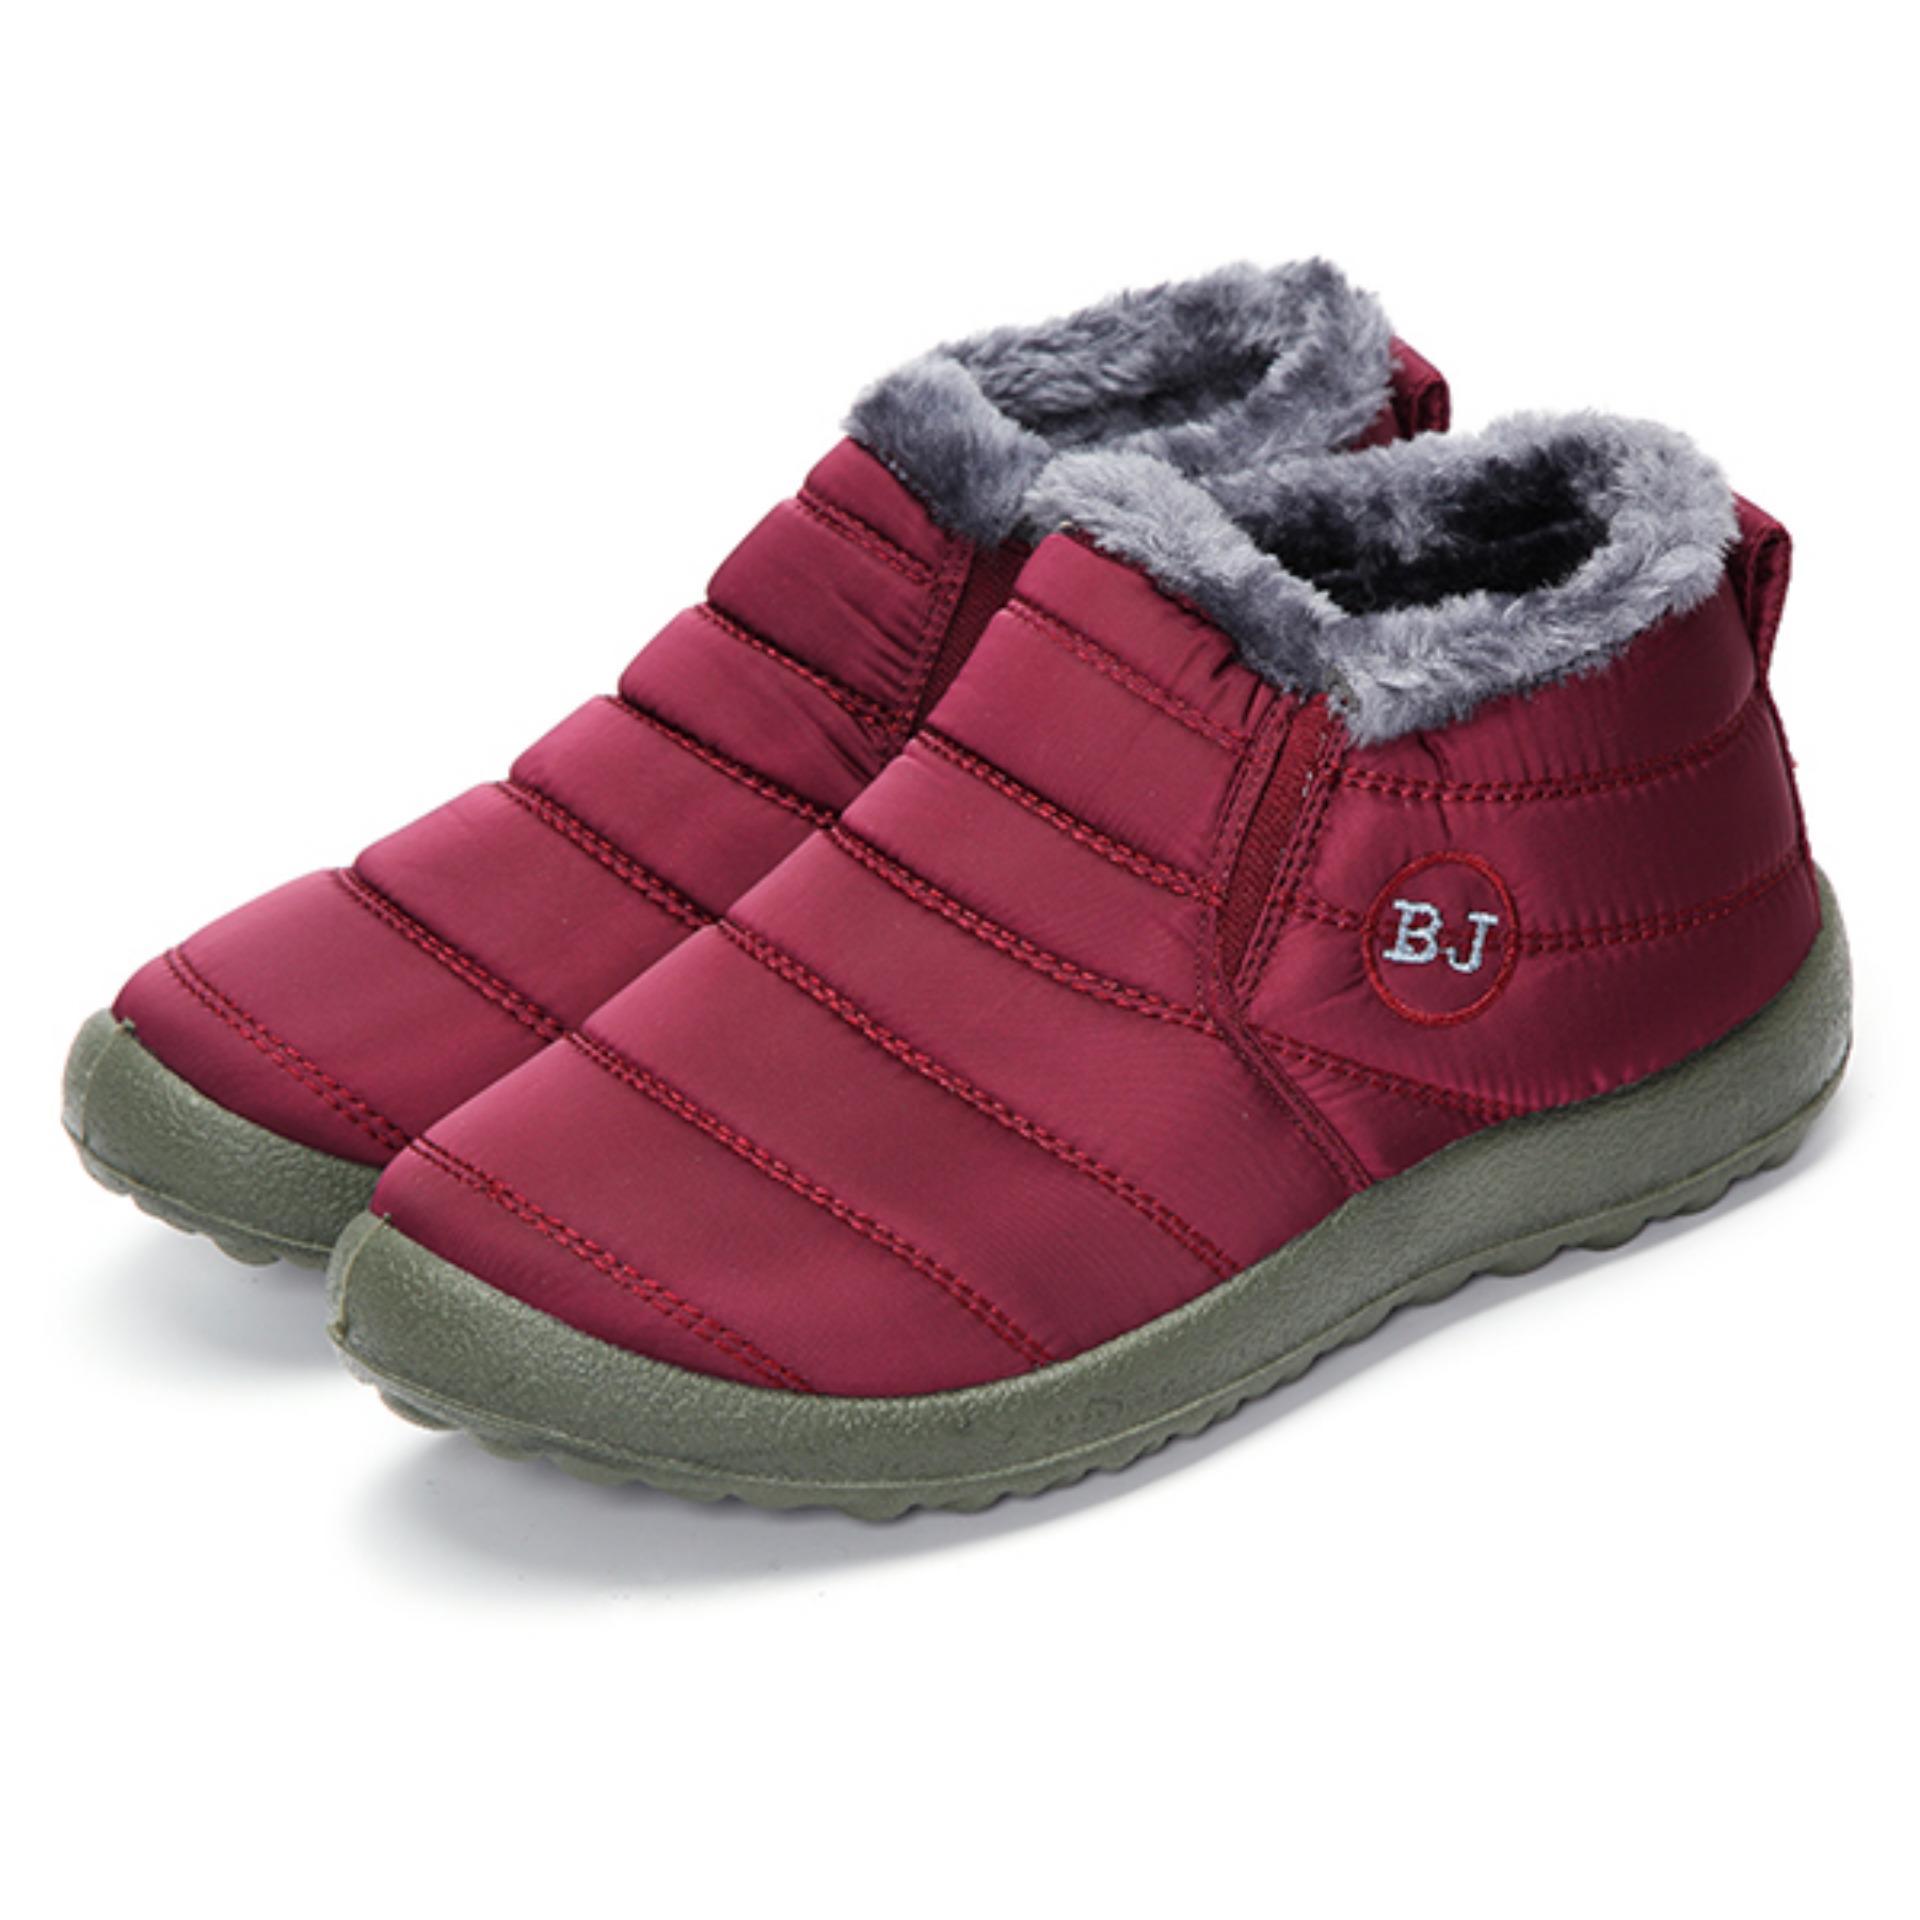 Perempuan HOT Musim Dingin Hangat Kain Fur-lined SLIP ON Pergelangan Kaki Sepatu Bot Salju Sepatu Sneakers MERAH